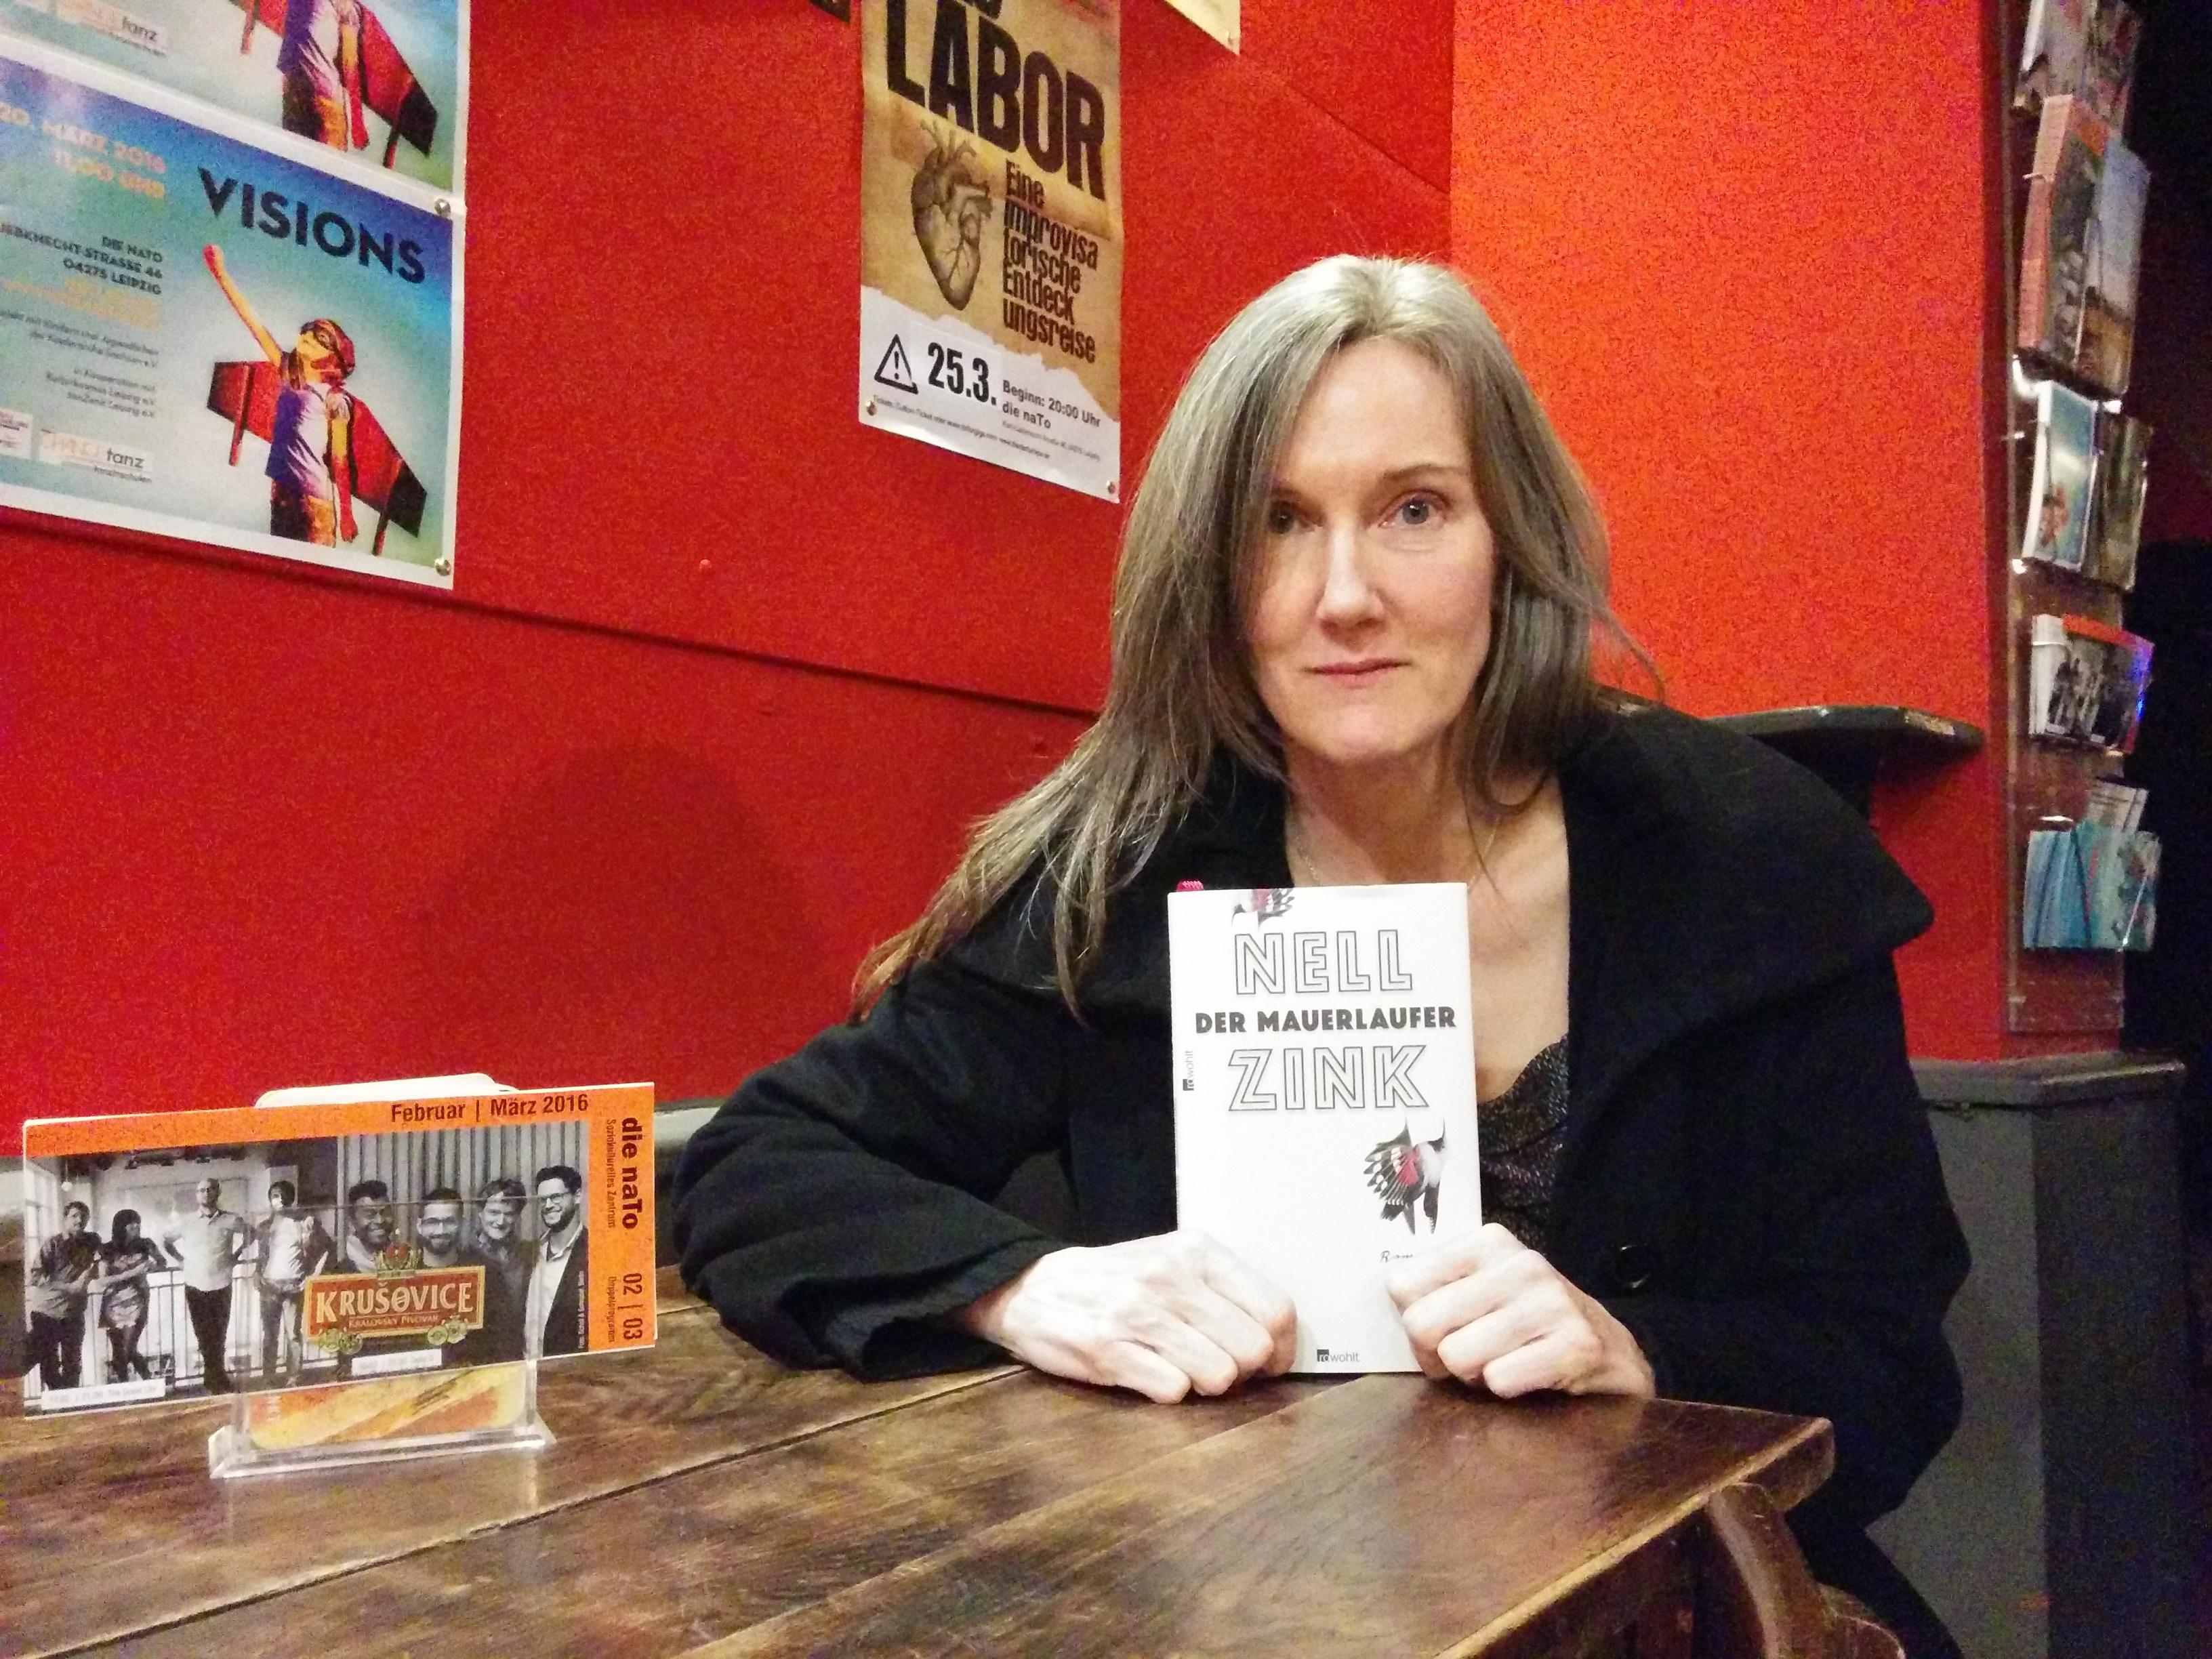 Nell Zink mit ihrem Debütroman »Mauerläufer«. © M. Kru